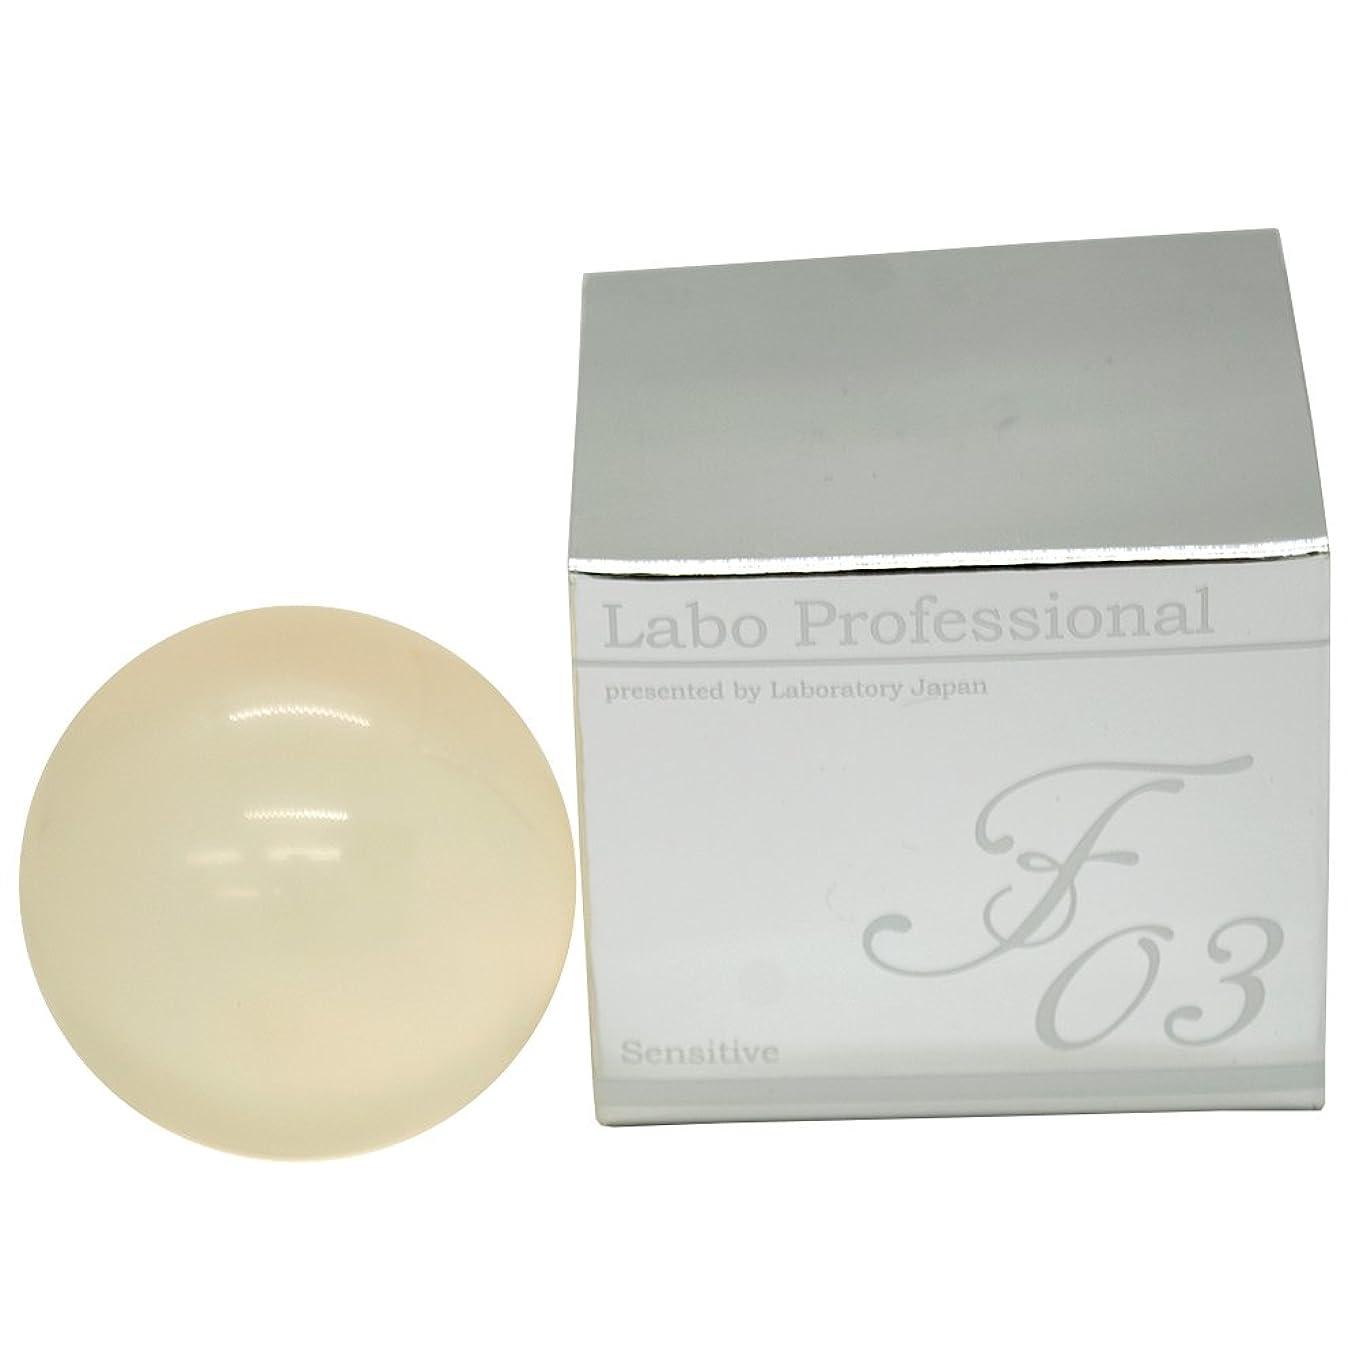 彼は機知に富んだ嘆願日本製【真性フコイダン配合】赤ちゃんから使える 敏感肌向け美容石鹸 Labo Professional F03